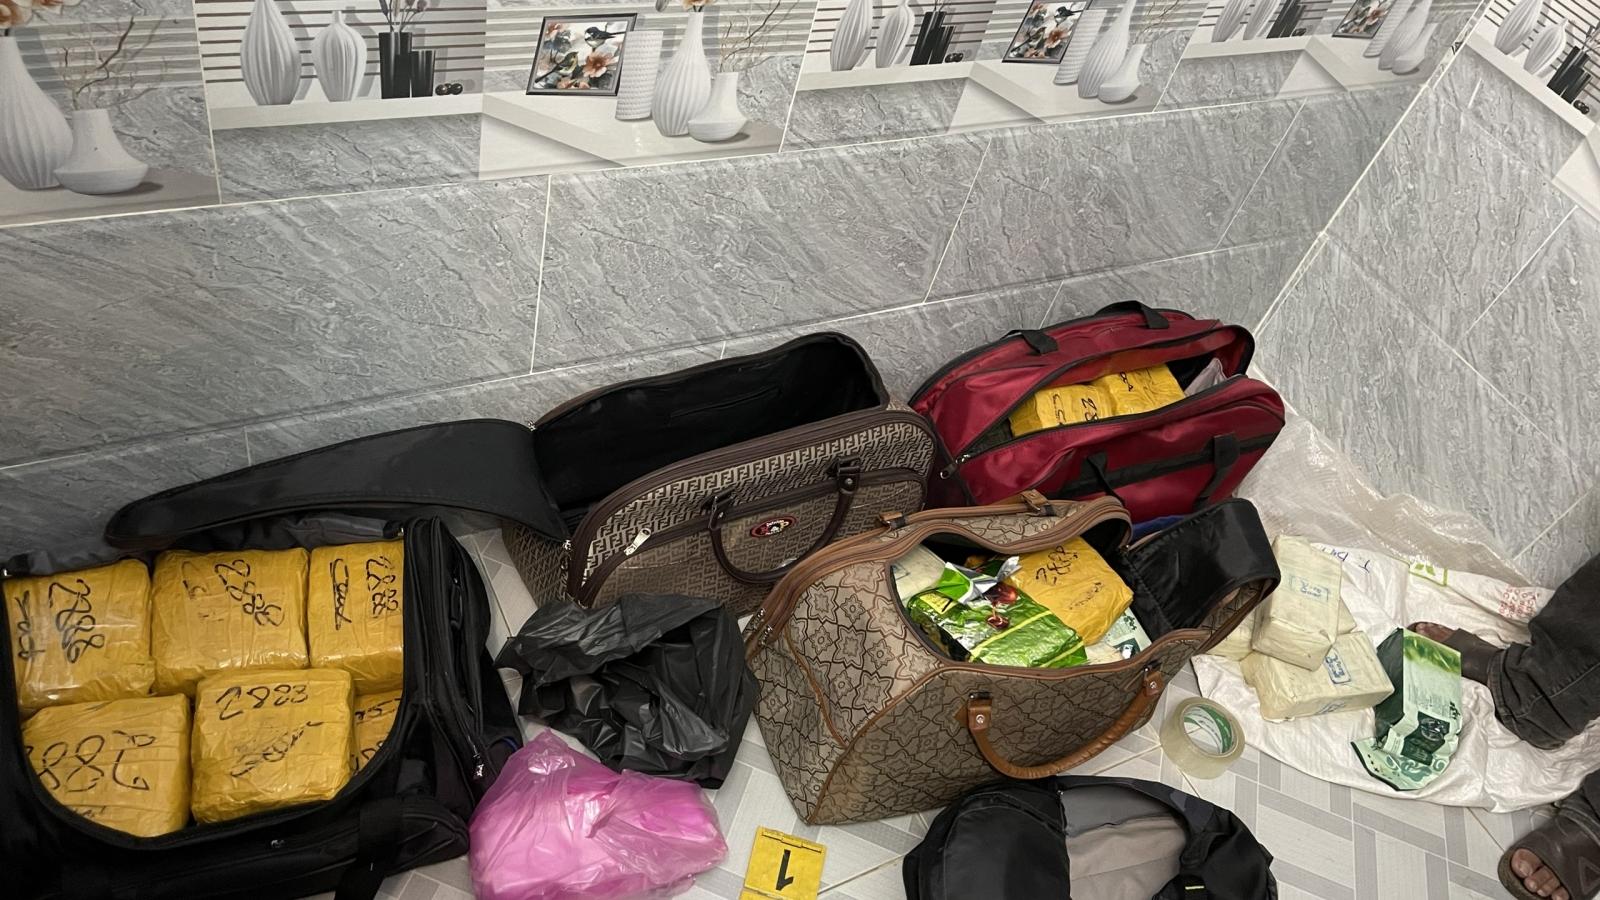 Lực lượng Công an thu giữ hơn 300kg heroin và ma túy tổng hợp